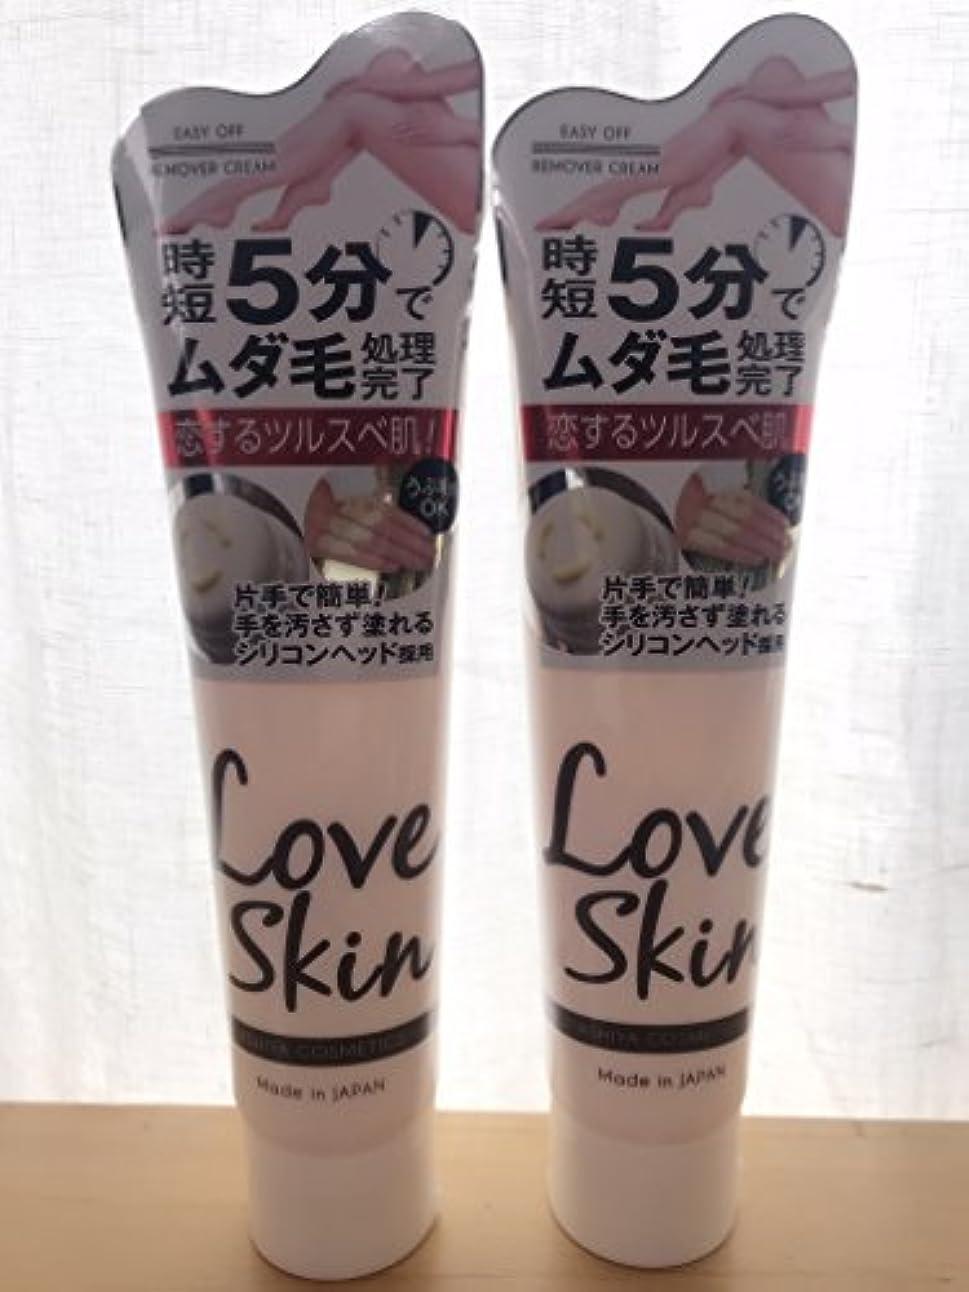 満州粘性の種類LOVESKIN 除毛クリーム 150g 医薬部外品  リムーバーMP-15  2個お得セット